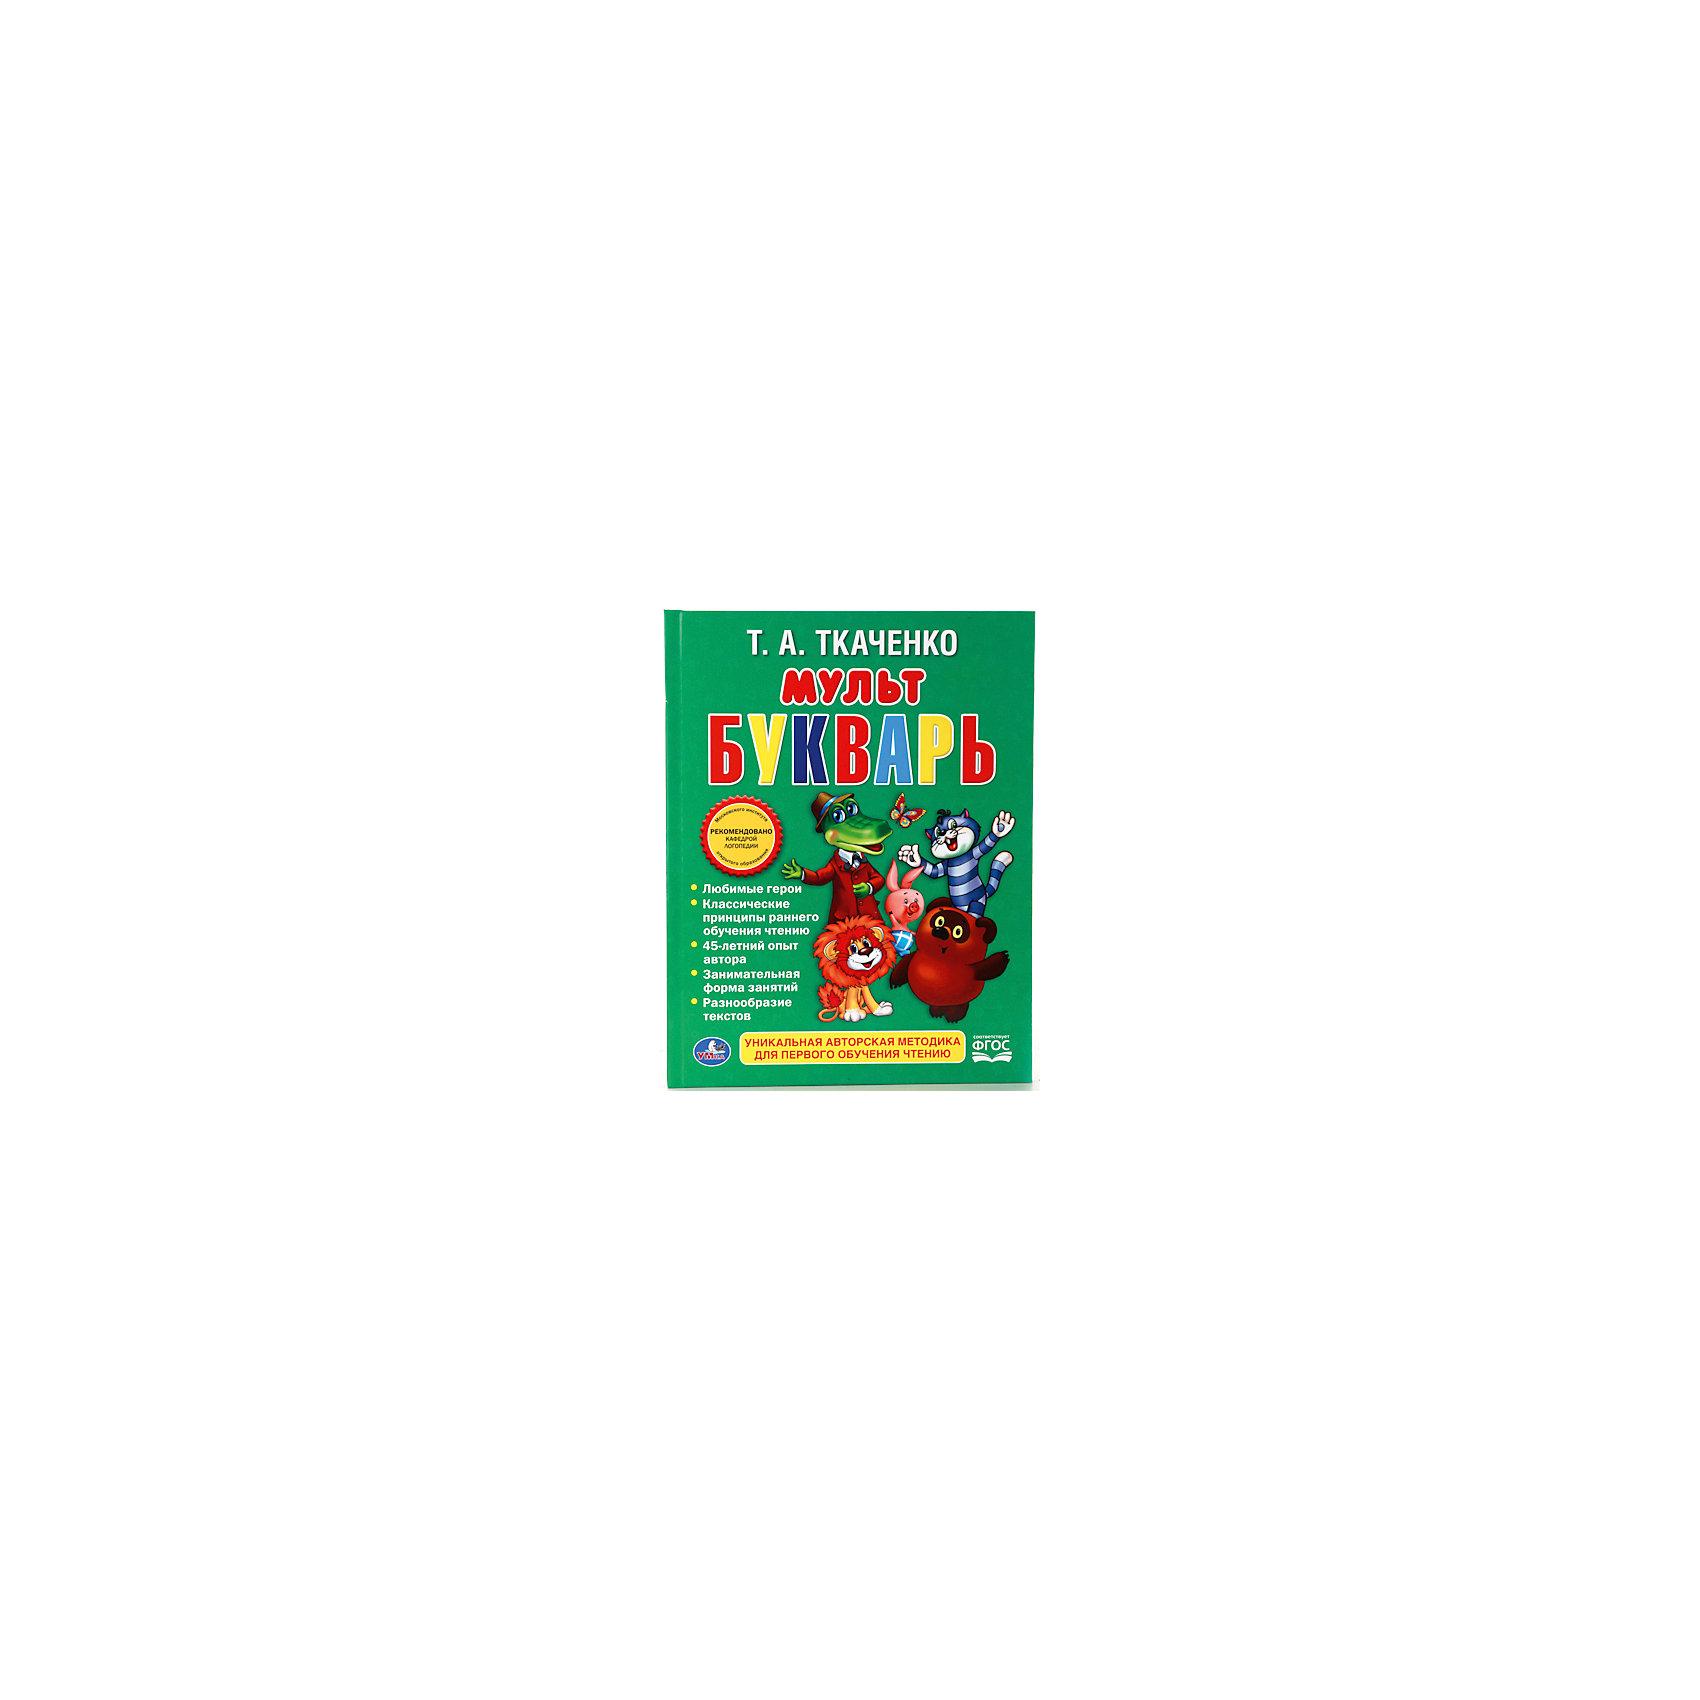 Мультбукварь Т.А. ТкаченкоАзбуки<br>Мультбукварь Т.А.Ткаченко - сборник заданий, позволяющих незнакомому с буквами ребёнку овладеть чтением на уровне требований начальной школы. Классические принципы обучения чтению раскрыты с помощью оригинальных приёмов, забавных текстов, сказочных персонажей. Система проверена 45-летней практиков, обеспечивает плавное нарастание сложности, занимател ьность и высокую результативность обучения. Букварь рассчитан на работу с детьми дома, в школах, гимназиях, массовых и логопедических группах детский садов. 64 страницы. Твердый переплет.<br><br>Ширина мм: 5<br>Глубина мм: 170<br>Высота мм: 220<br>Вес г: 120<br>Возраст от месяцев: 36<br>Возраст до месяцев: 60<br>Пол: Унисекс<br>Возраст: Детский<br>SKU: 5396503